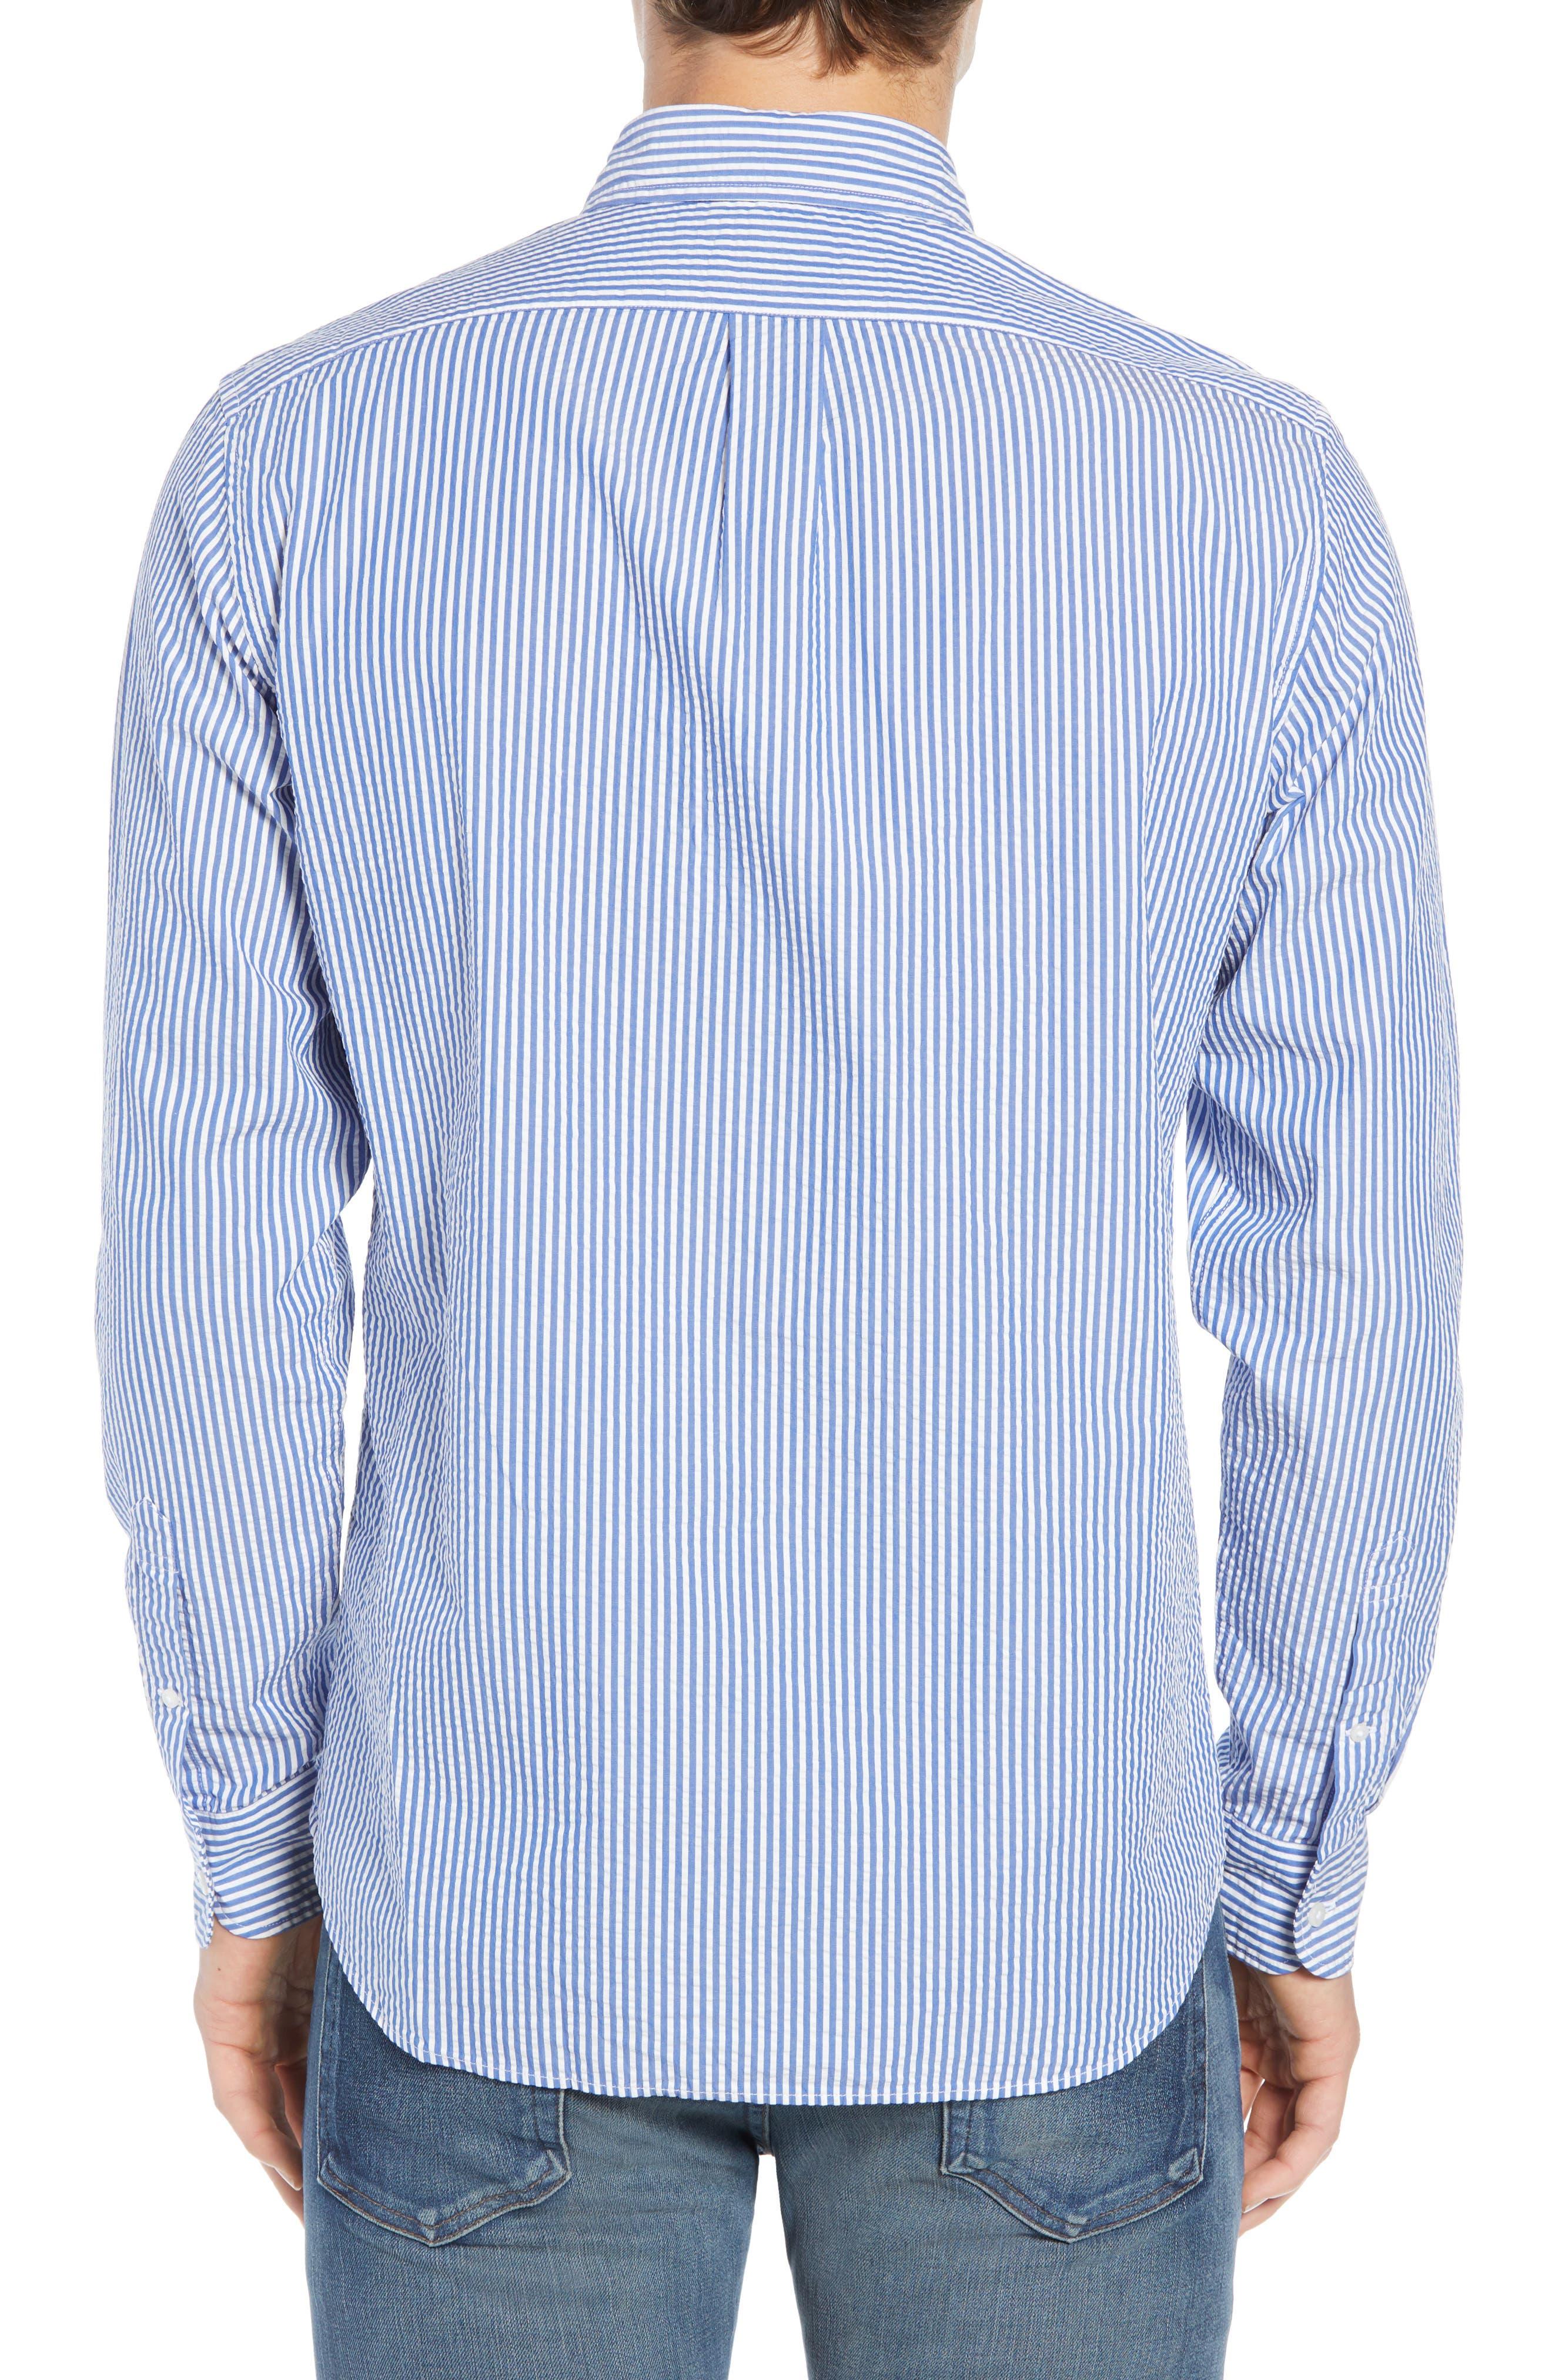 Seersucker Sport Shirt,                             Alternate thumbnail 4, color,                             White Blue